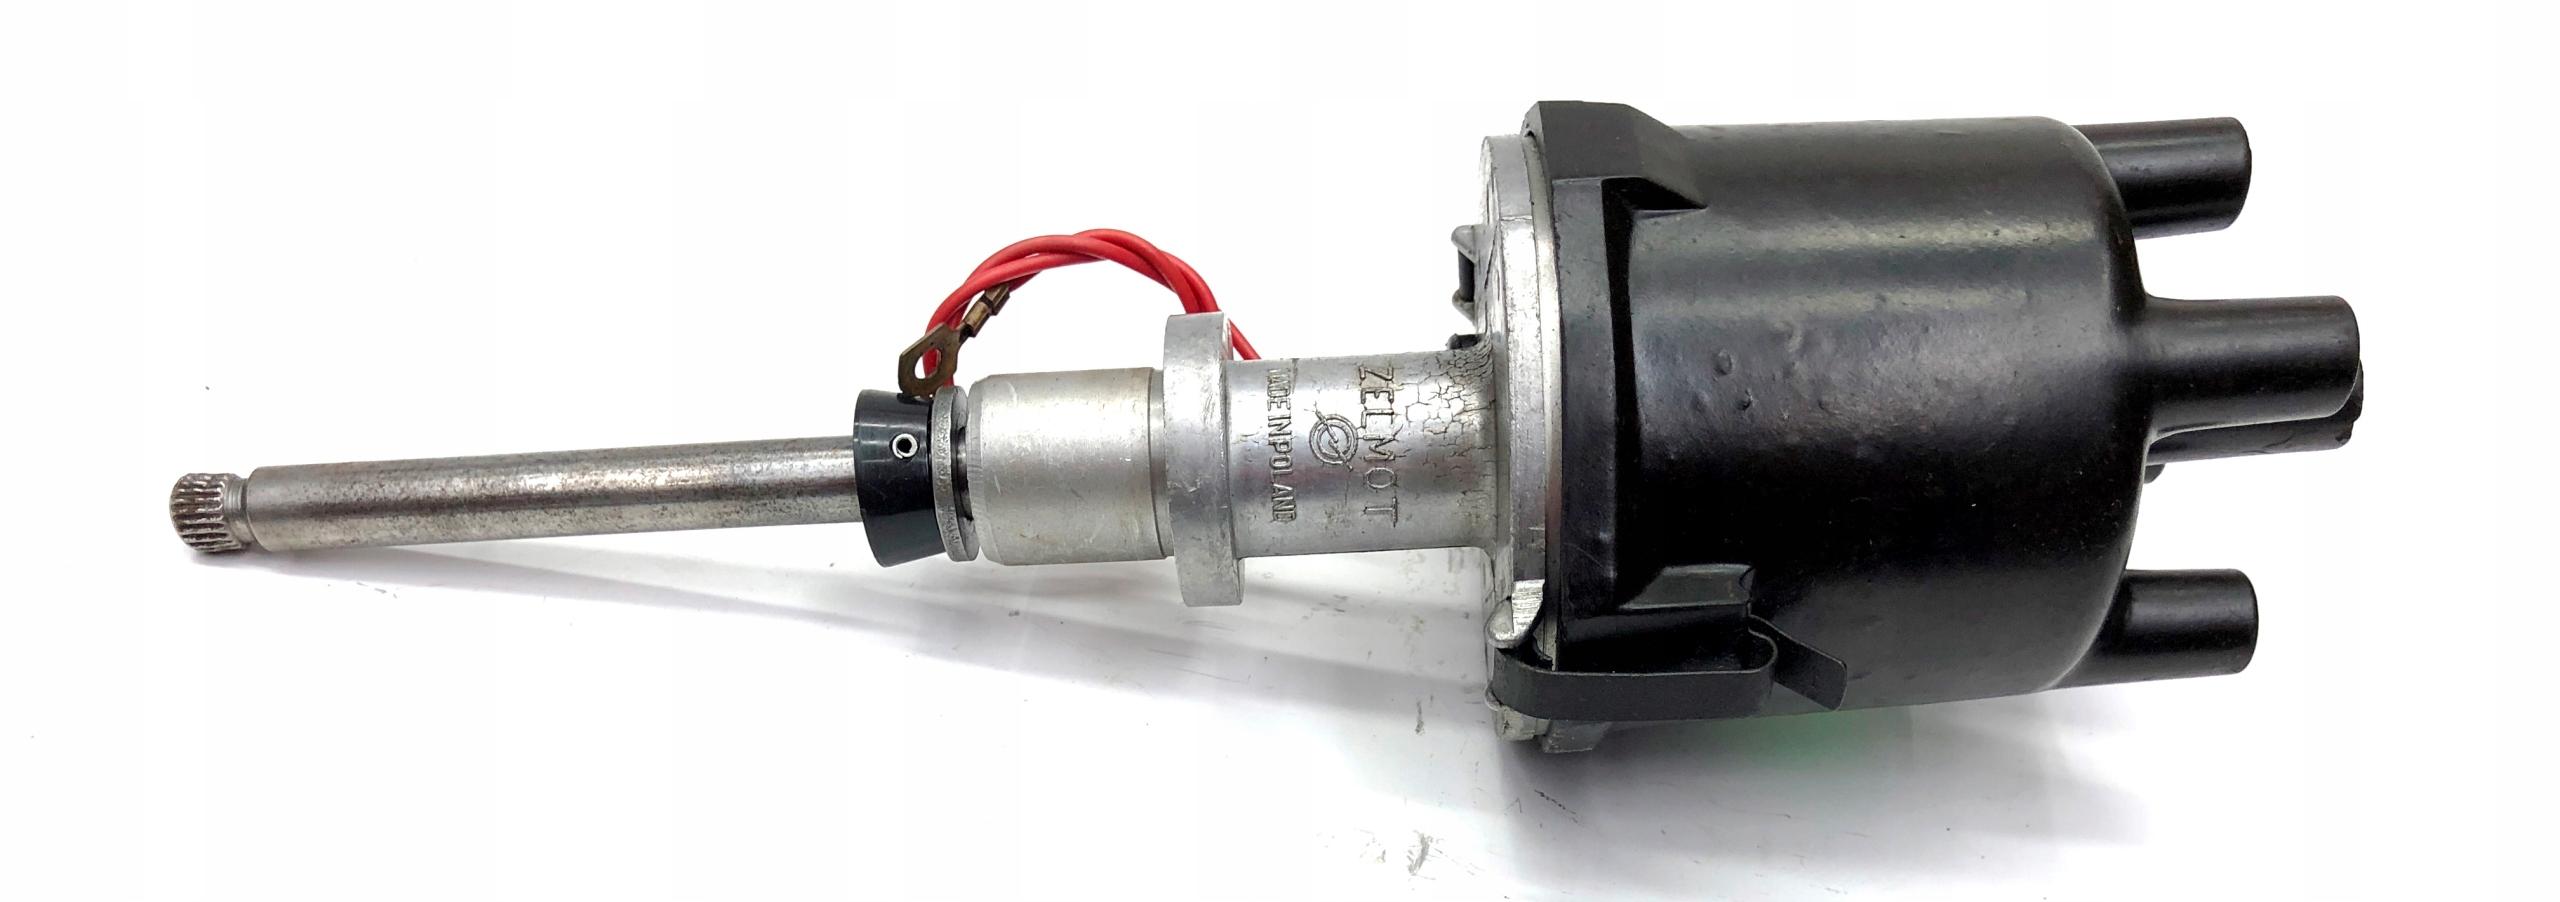 камера зажигания полонез fiat 125p крышка новый